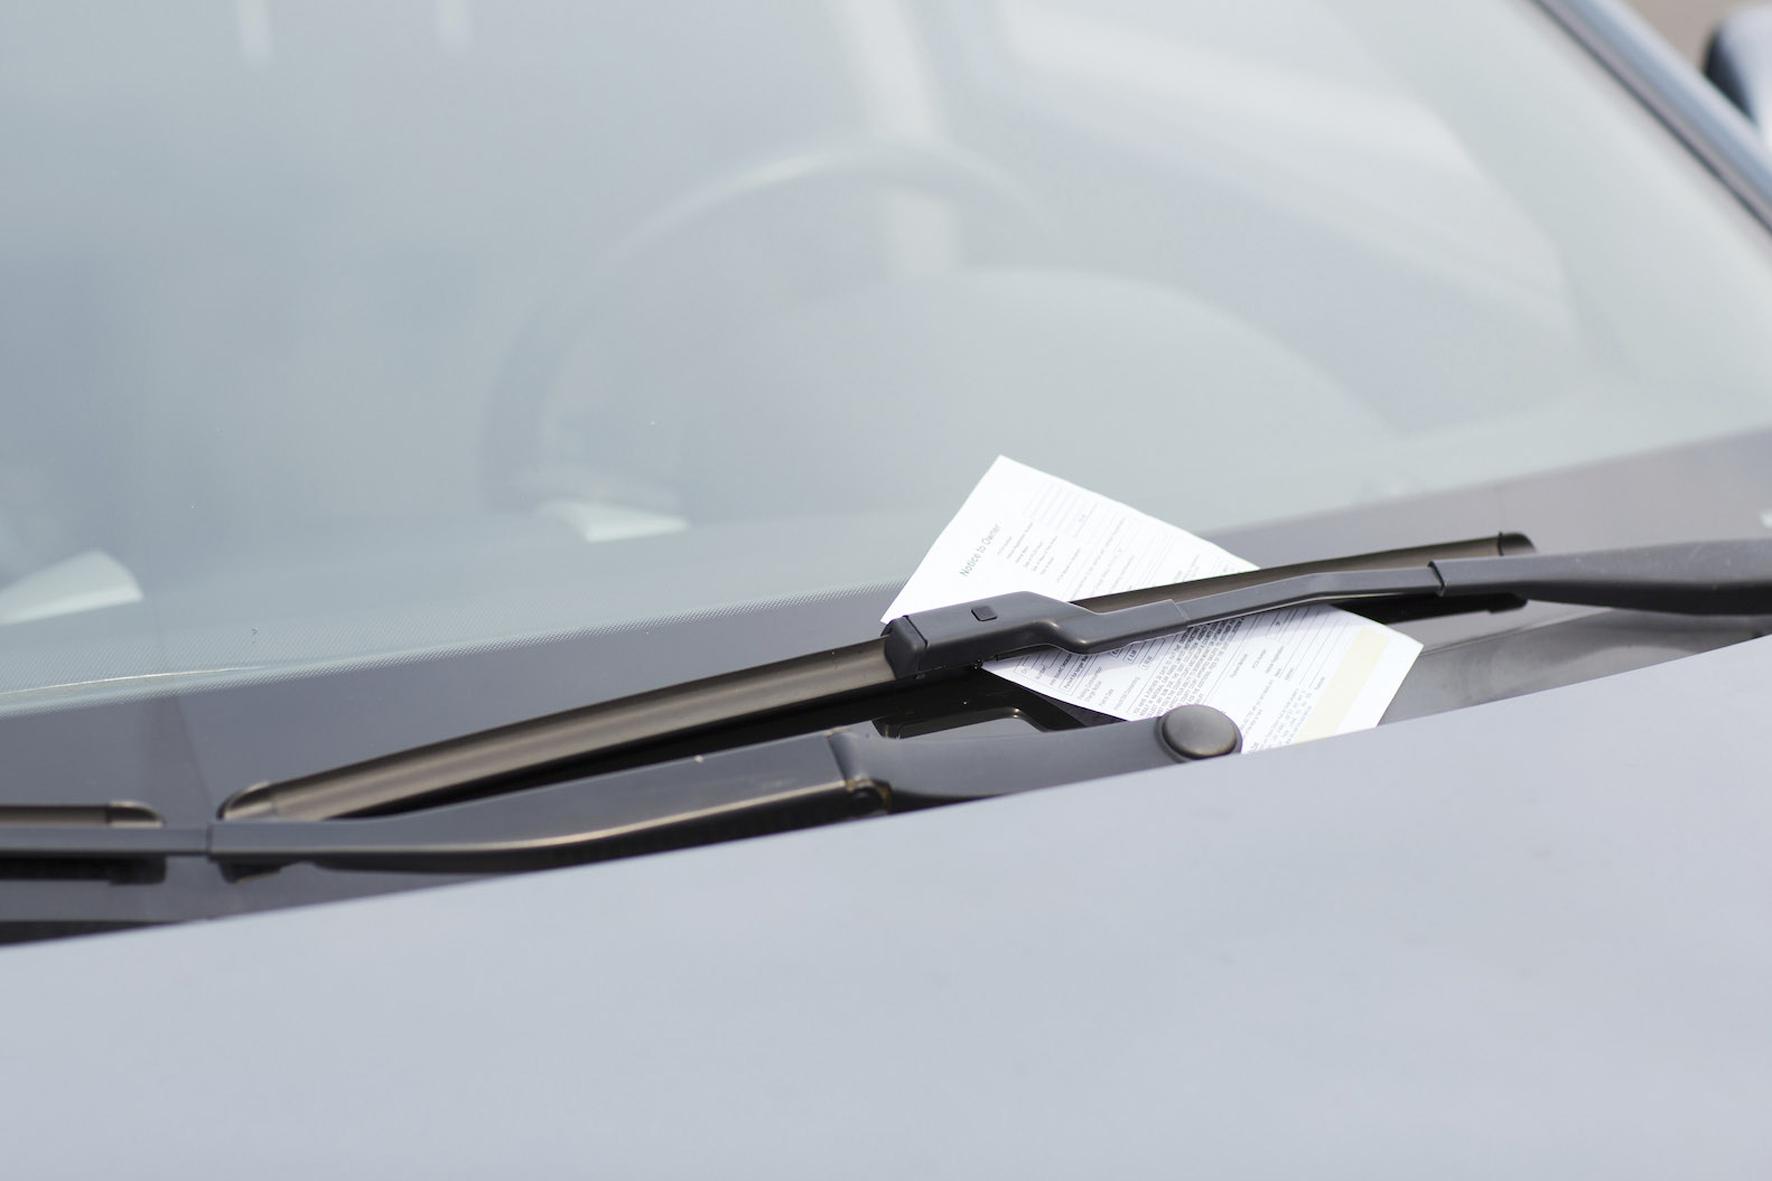 mid Düsseldorf - Mehr als jeder zweite deutsche Autofahrer hat schon einmal einen Strafzettel fürs Falschparken bekommen.